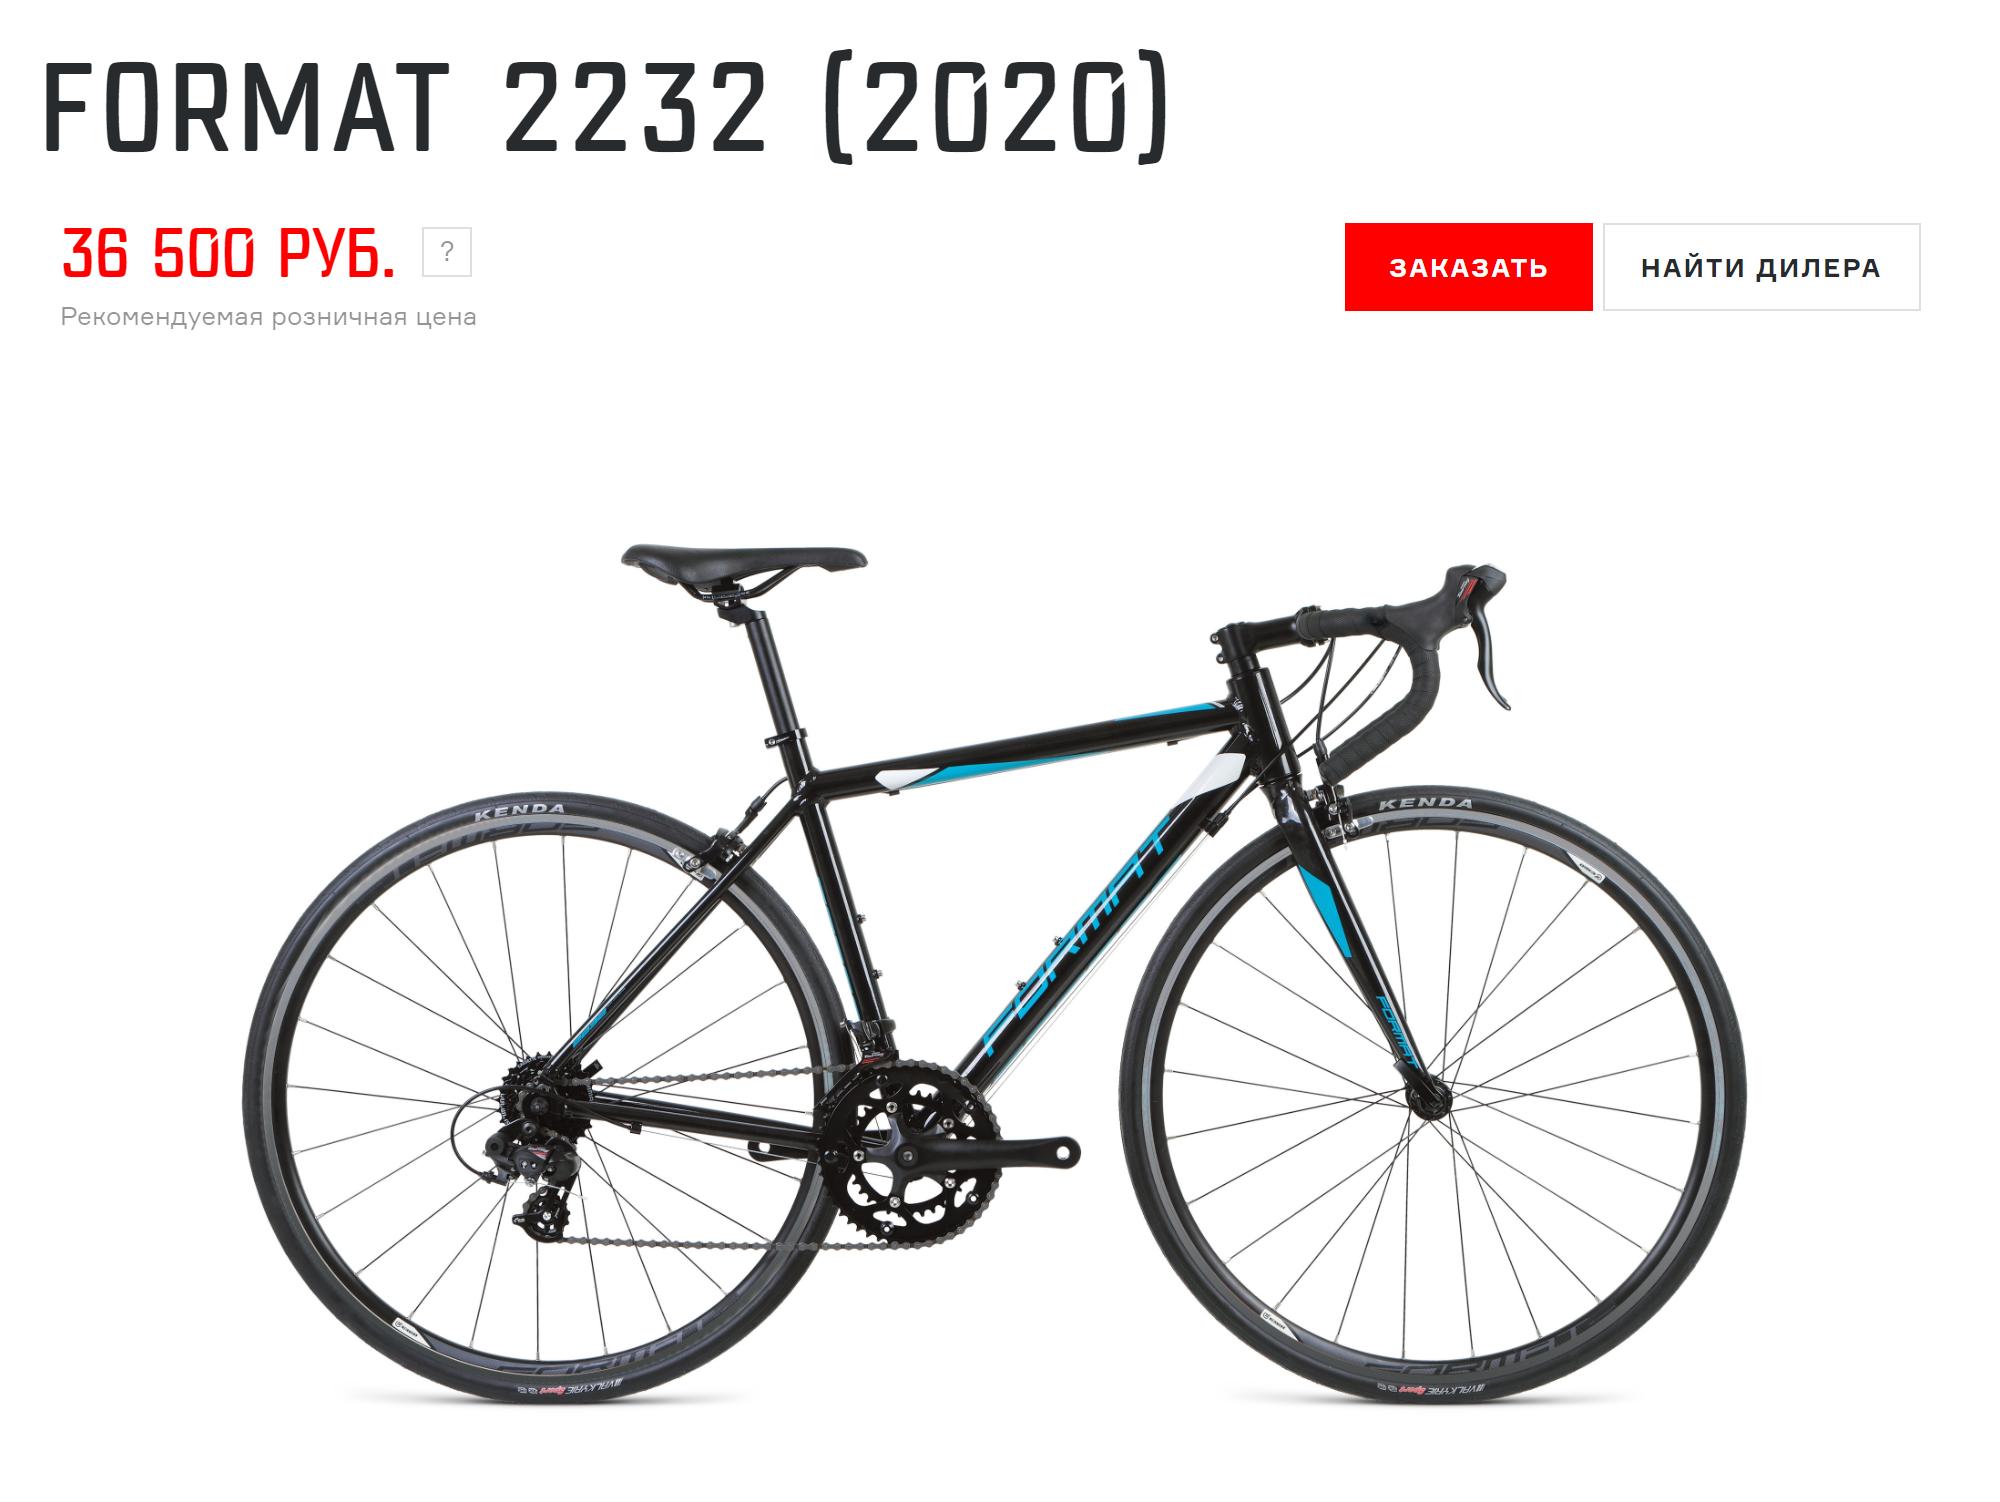 Самый дешевый шоссейный велосипед Format. Источник: официальный сайт марки